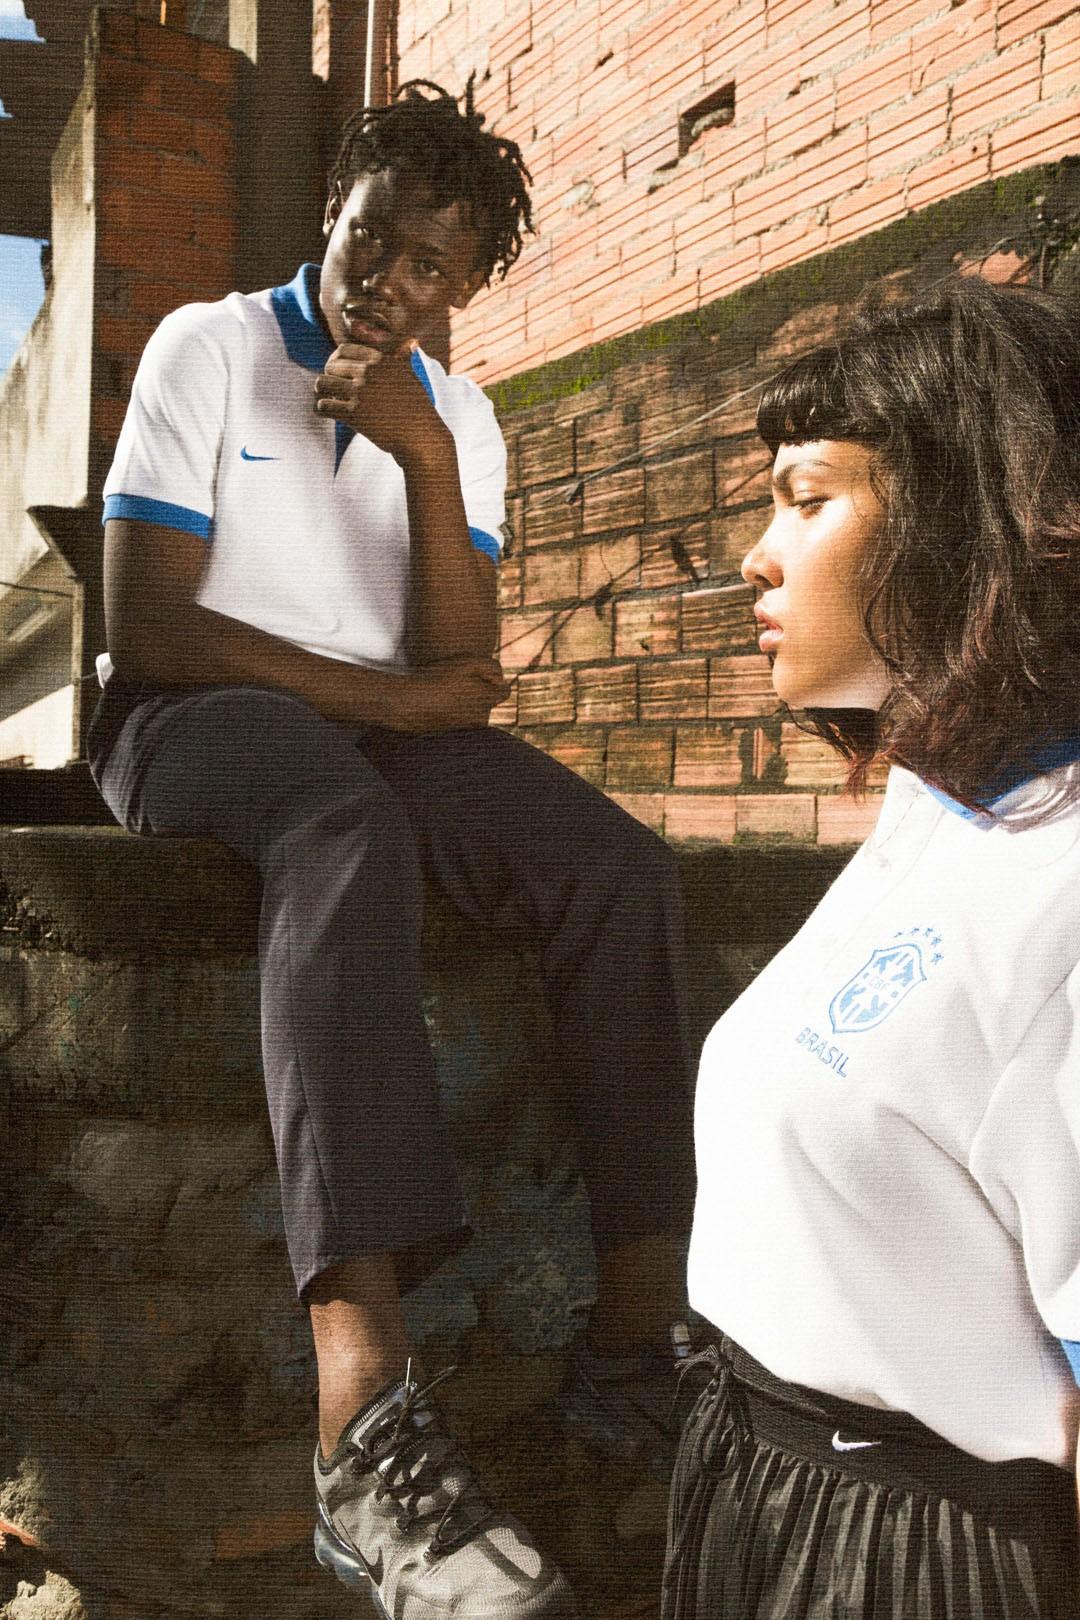 A campanha da nova camisa branca do Brasil, feita no Capão Redondo, em São Paulo (Foto: Amanda Adasz )